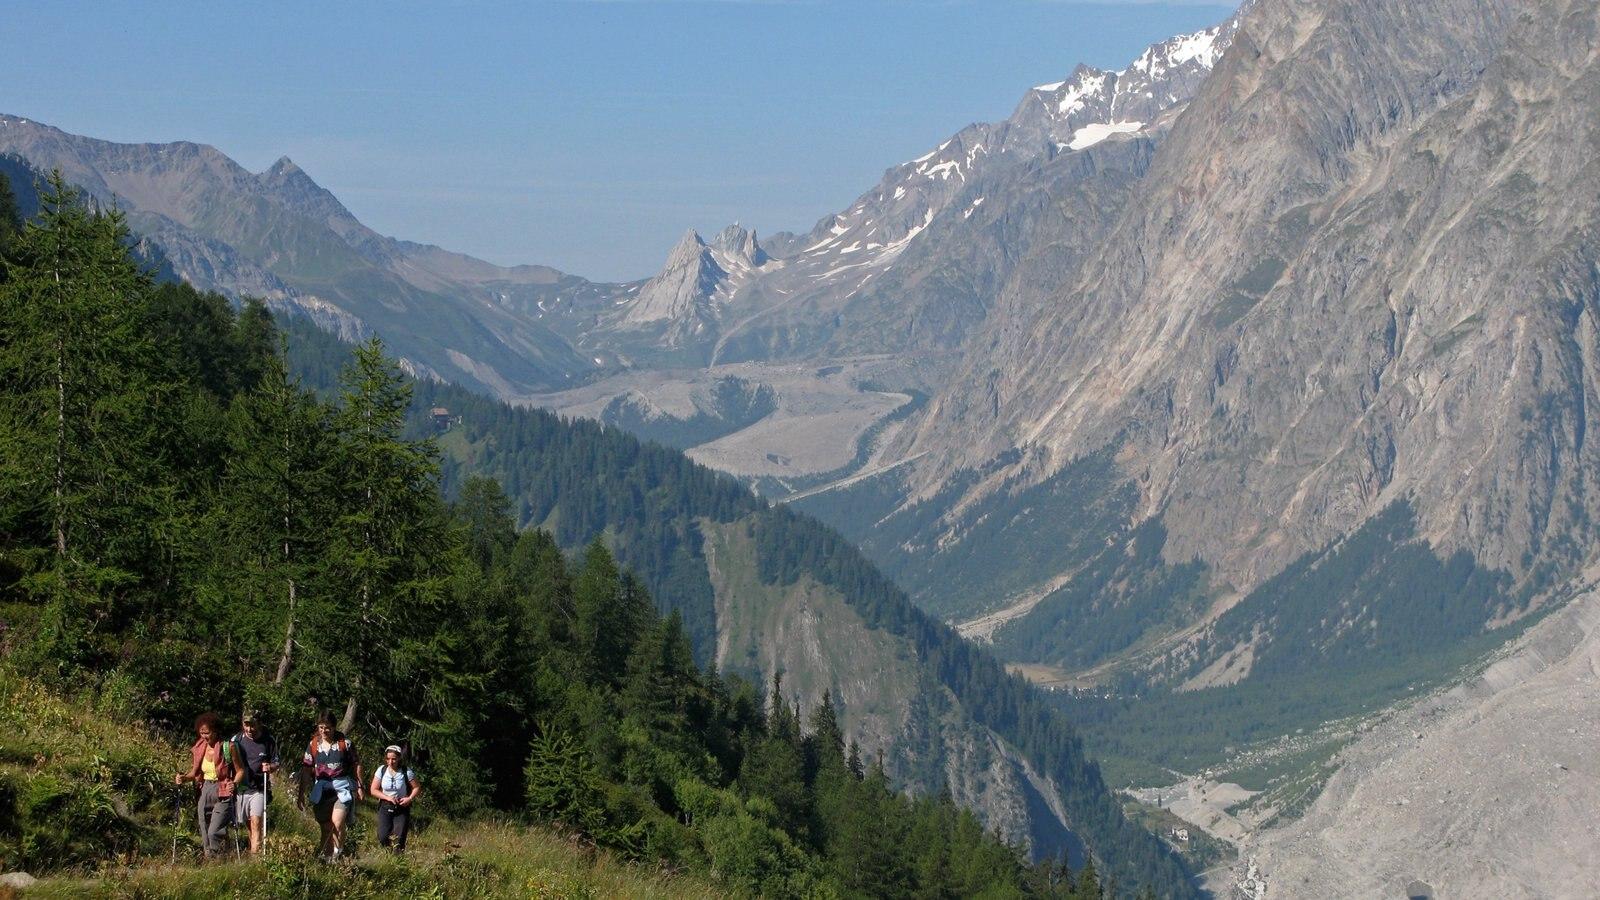 Courmayeur mostrando un barranco o cañón, senderismo o caminata y montañas